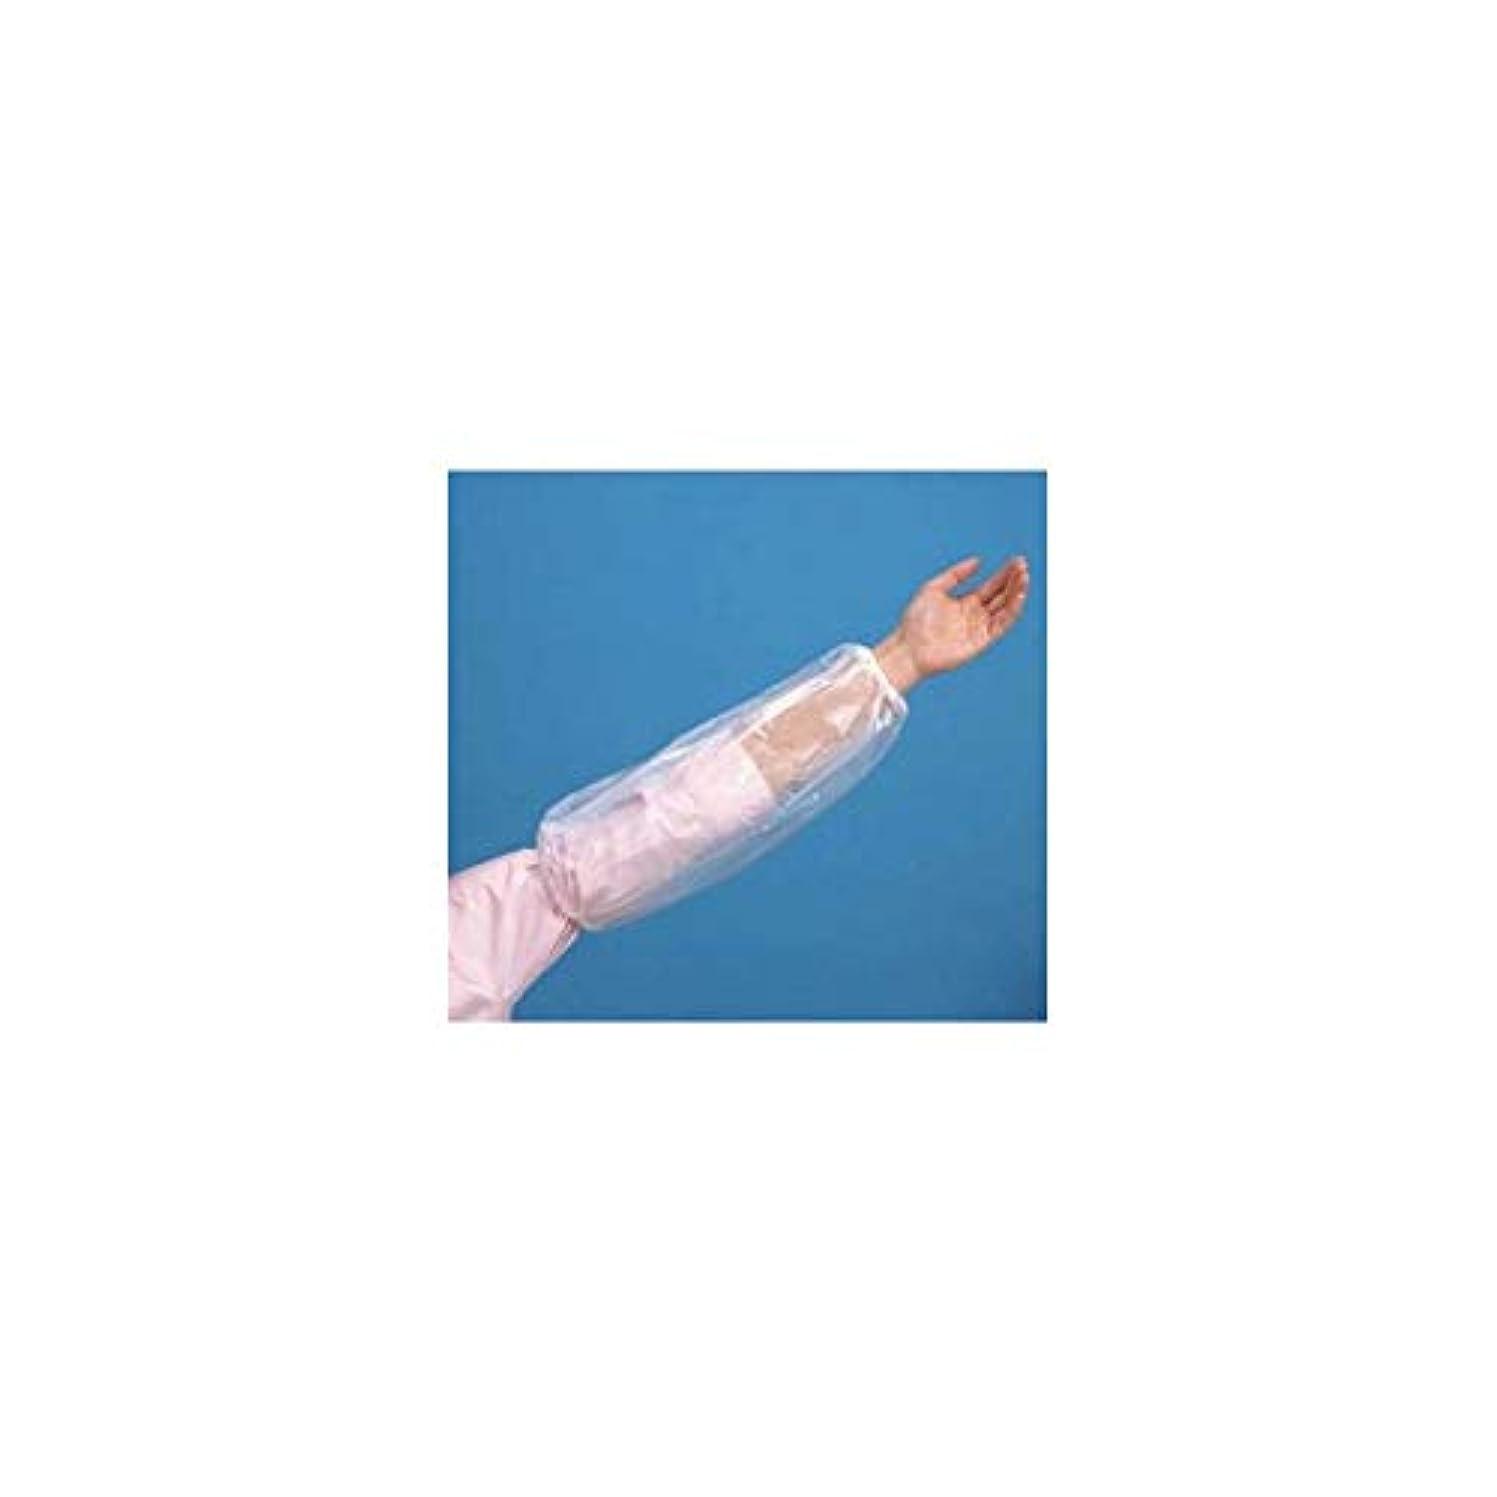 オカモト イージーグローブ ロングサイズ(50枚入)706 25から30μ